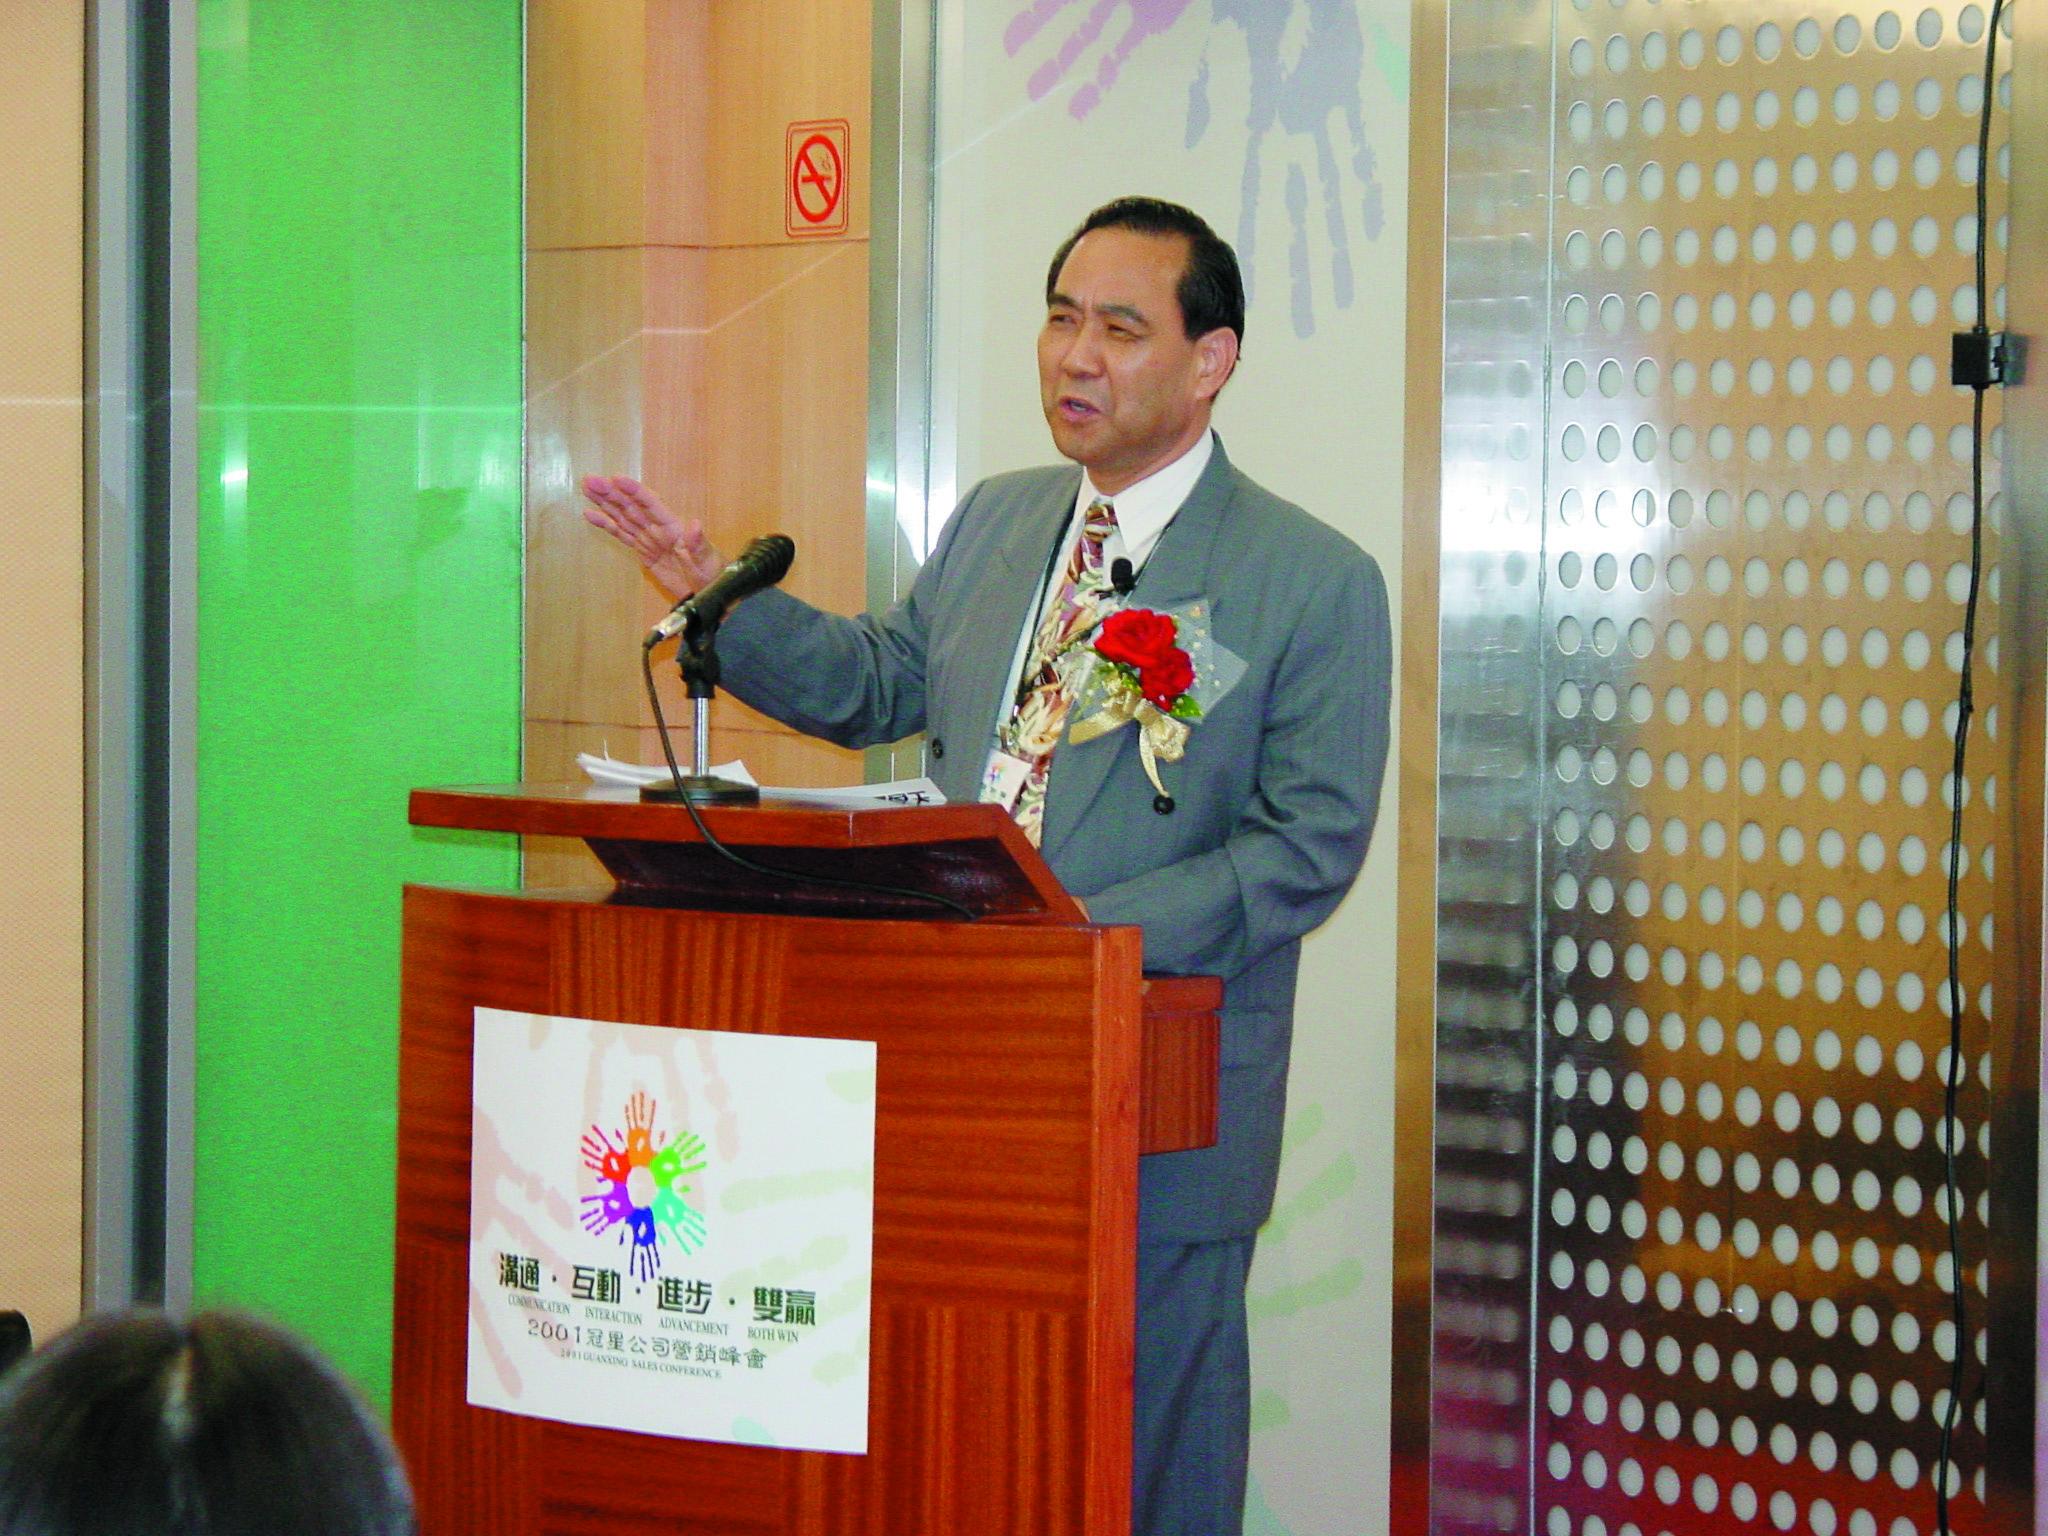 香港时政评论员叶振帮先生罗马利奥讲演